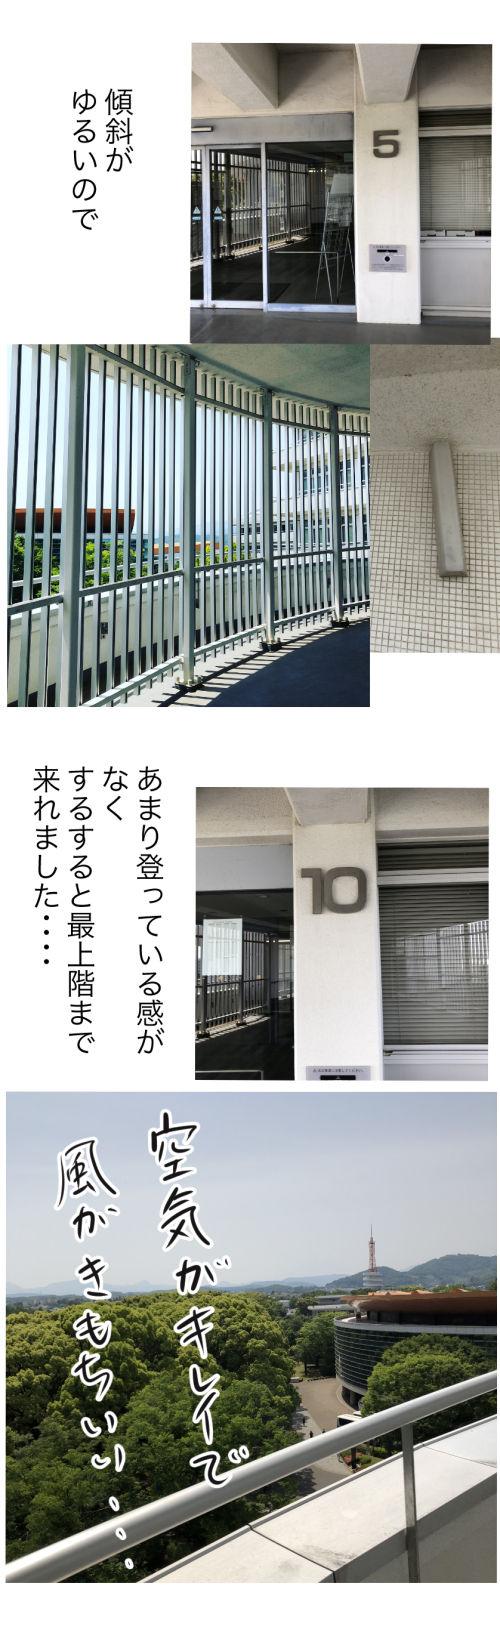 東海大学3号館ブログ用1−3